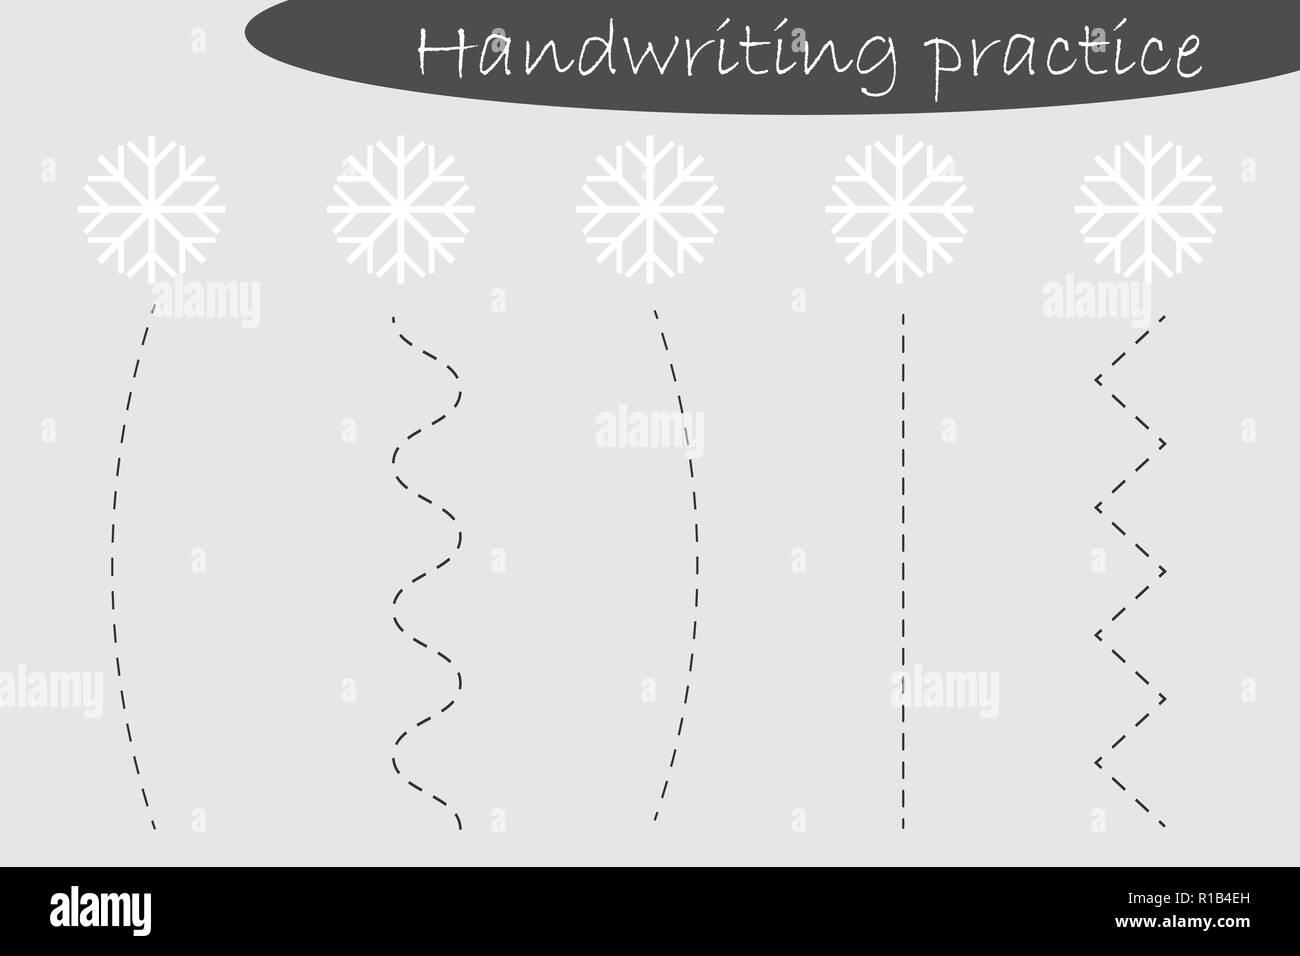 Hoja De Practica De Escritura Tema De Navidad Copos De Nieve Los